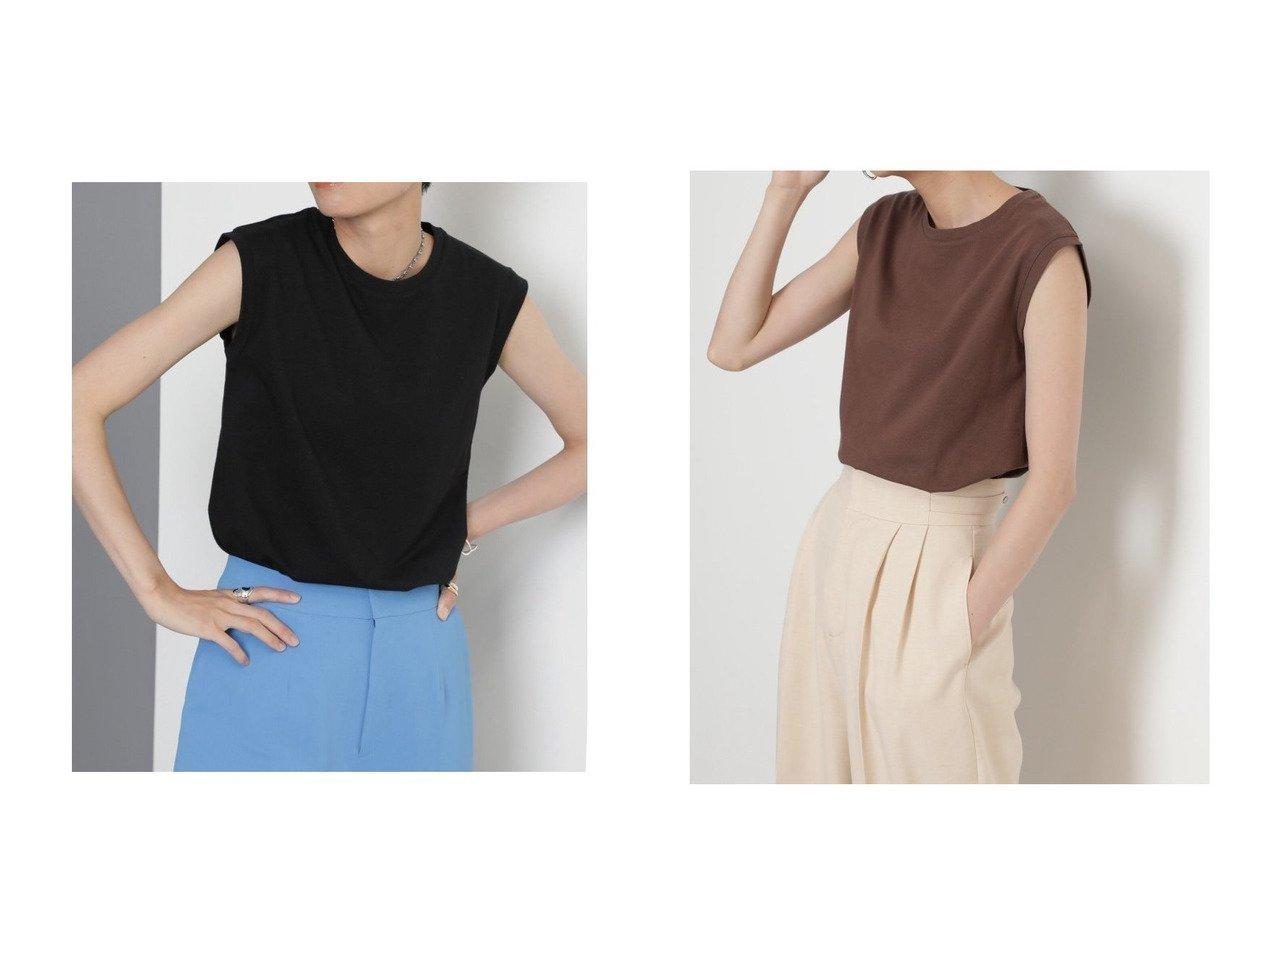 【ROSE BUD/ローズバッド】のブラウン,オレンジのみ別注カラー ノースリーブカッ 別注・限定・コラボなど、おすすめ!人気、トレンド・レディースファッションの通販 おすすめで人気の流行・トレンド、ファッションの通販商品 インテリア・家具・メンズファッション・キッズファッション・レディースファッション・服の通販 founy(ファニー) https://founy.com/ ファッション Fashion レディースファッション WOMEN トップス・カットソー Tops/Tshirt キャミソール / ノースリーブ No Sleeves シャツ/ブラウス Shirts/Blouses ロング / Tシャツ T-Shirts カットソー Cut and Sewn オレンジ カットソー タンク ノースリーブ リラックス 別注 夏 Summer 定番 Standard |ID:crp329100000061036